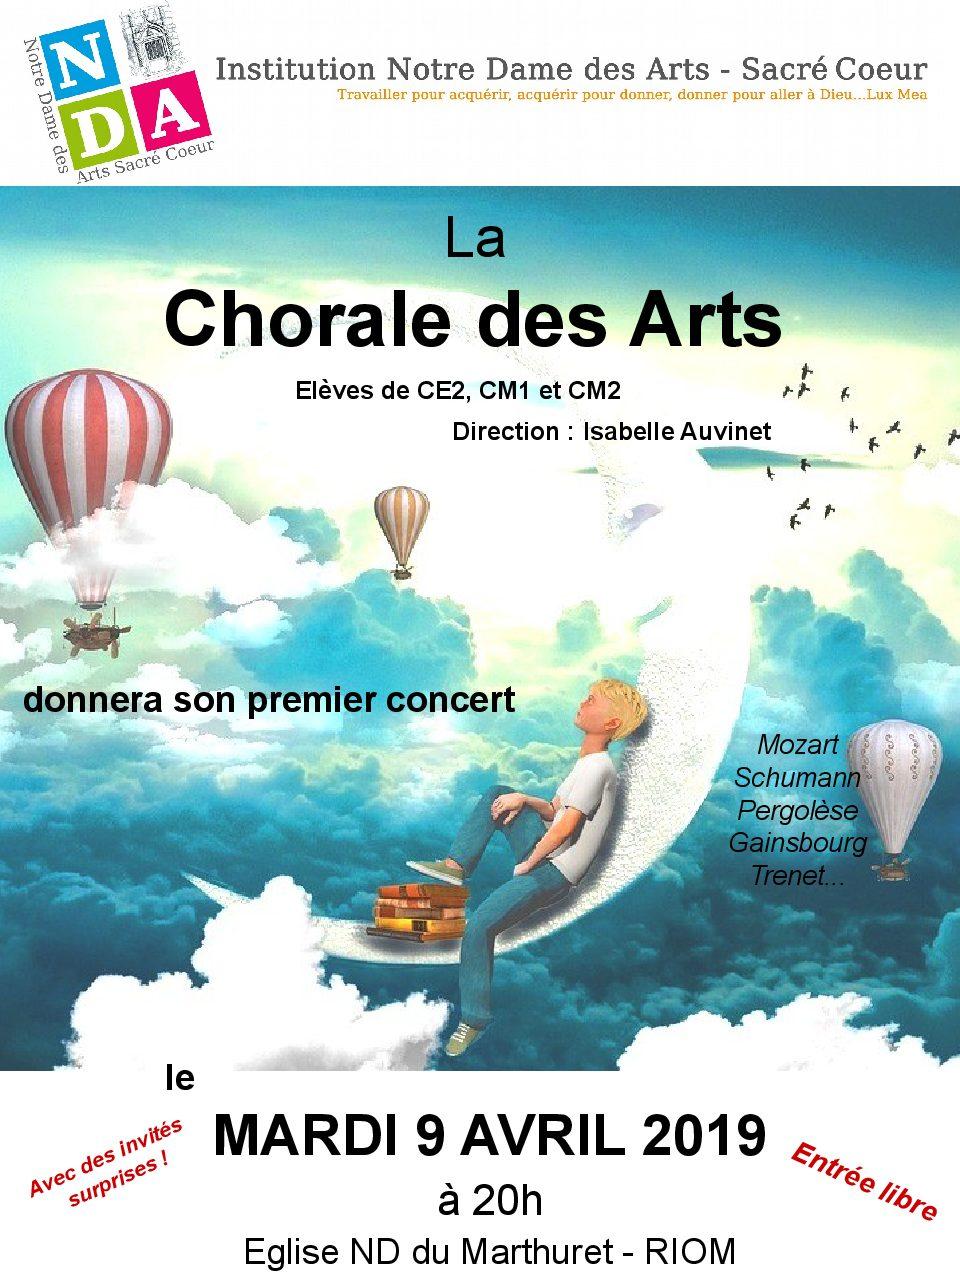 CONCERT DE LA CHORALE DES ARTS